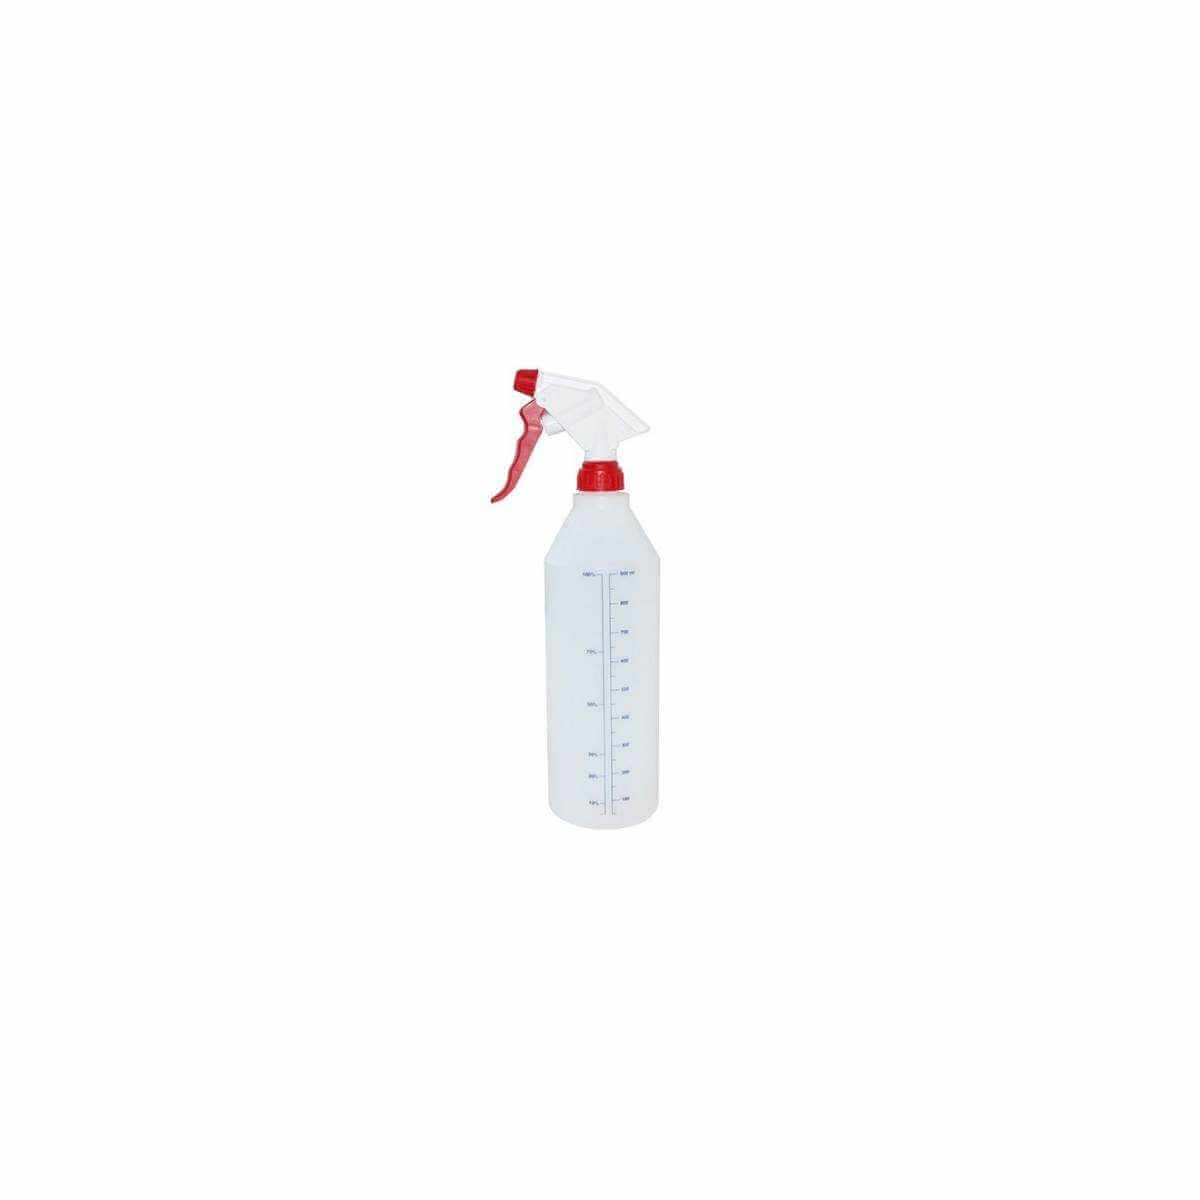 Бутылка с пульверизатором 1л 40.04555.0018.01.071 ECOCHEM